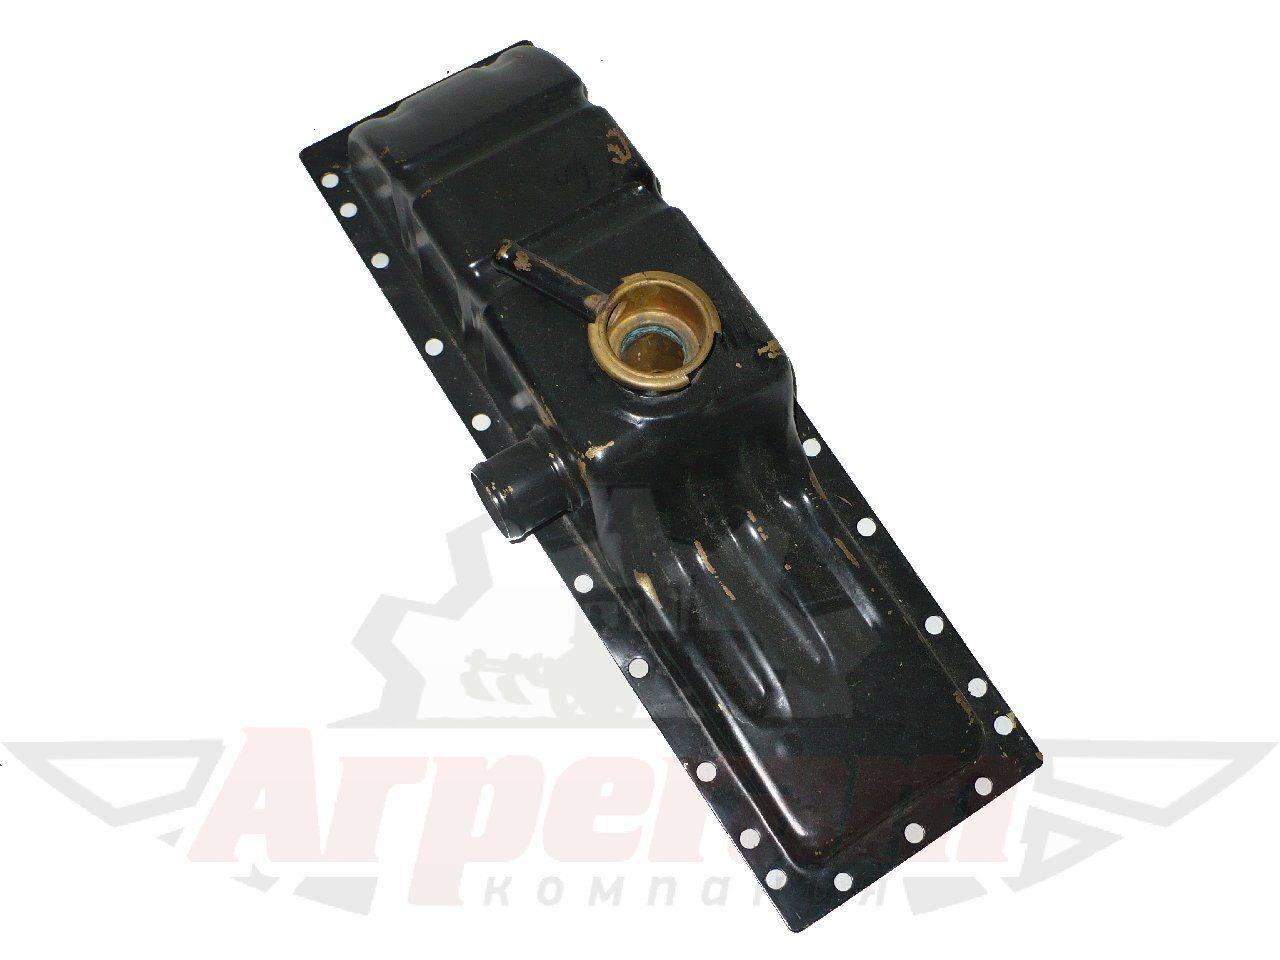 Бак радиатора МТЗ-80, МТЗ-82 / Д-240 70У-1301055 верхний.